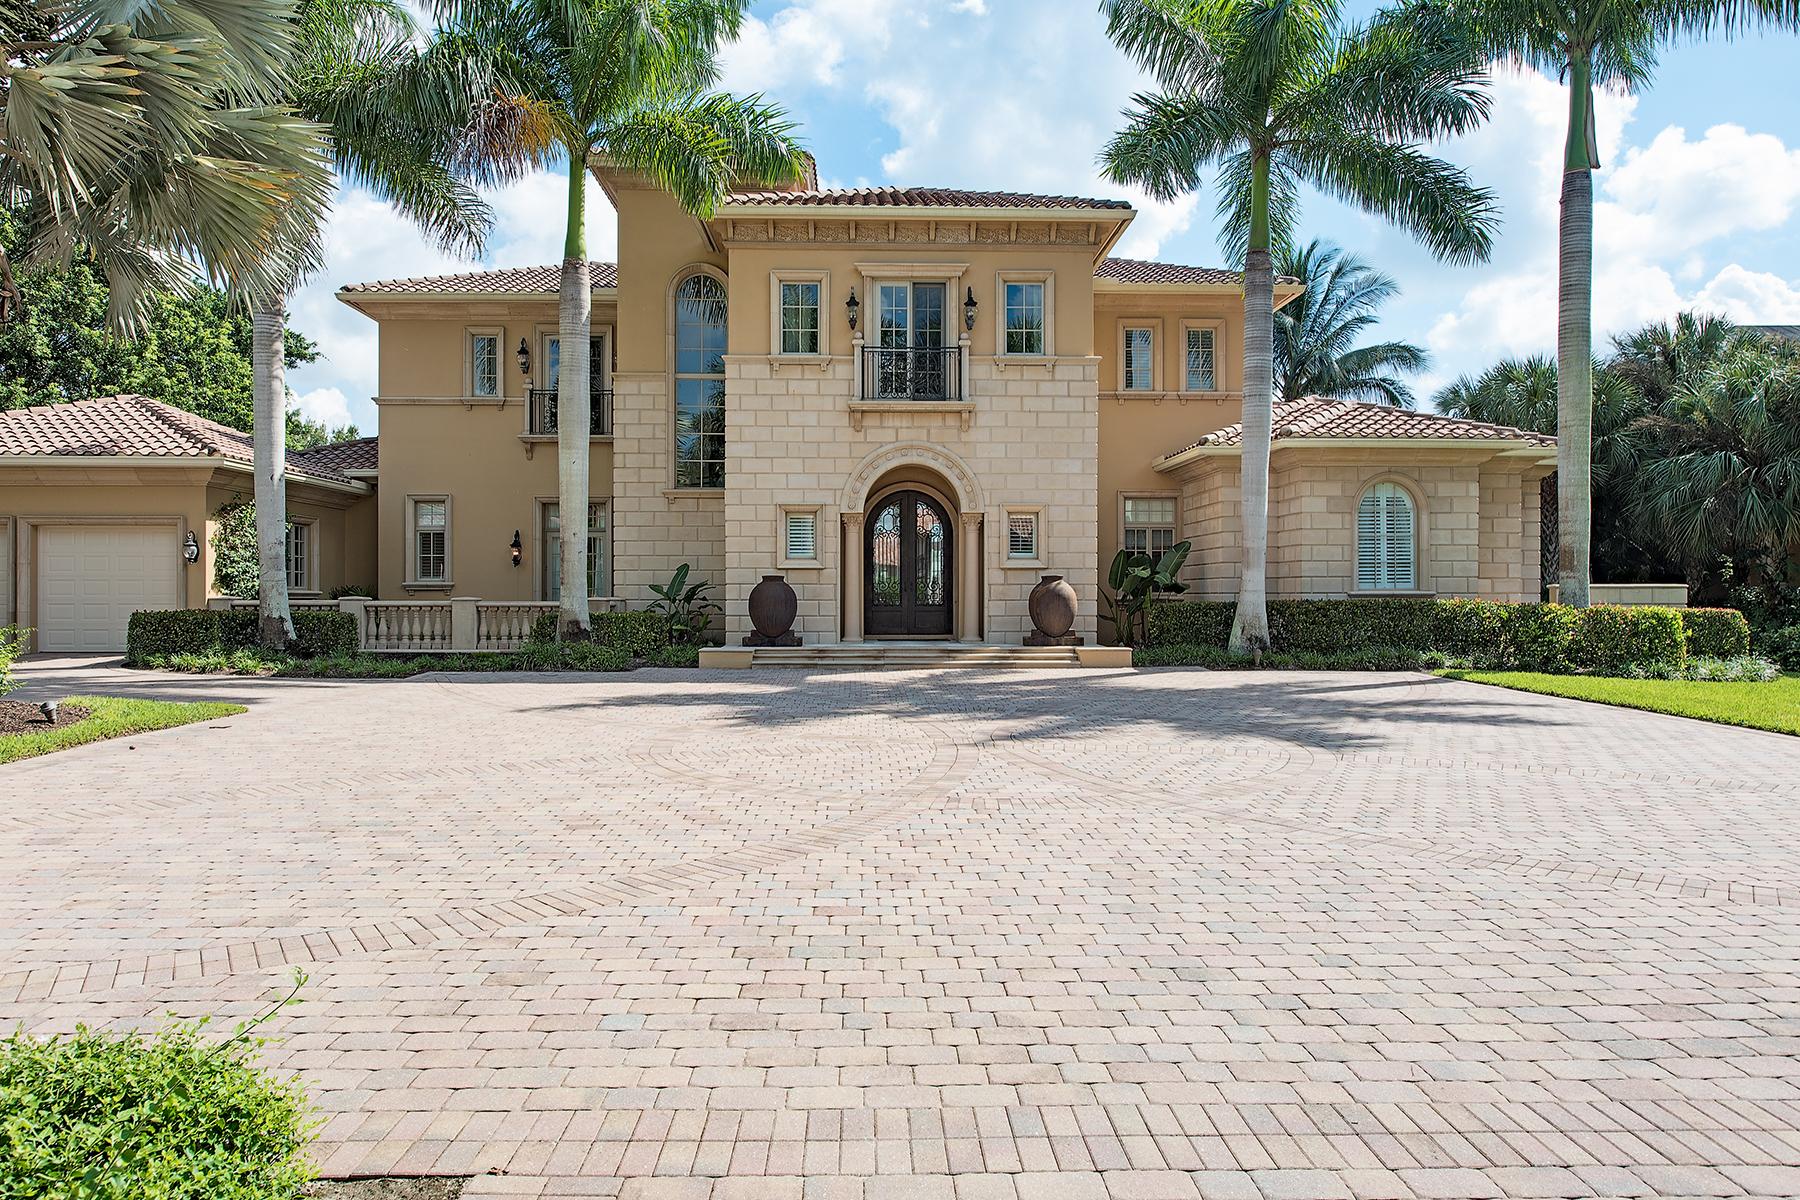 Villa per Vendita alle ore 2824 Silverleaf Ln , Naples, FL 34105 2824 Silverleaf Ln Naples, Florida, 34105 Stati Uniti